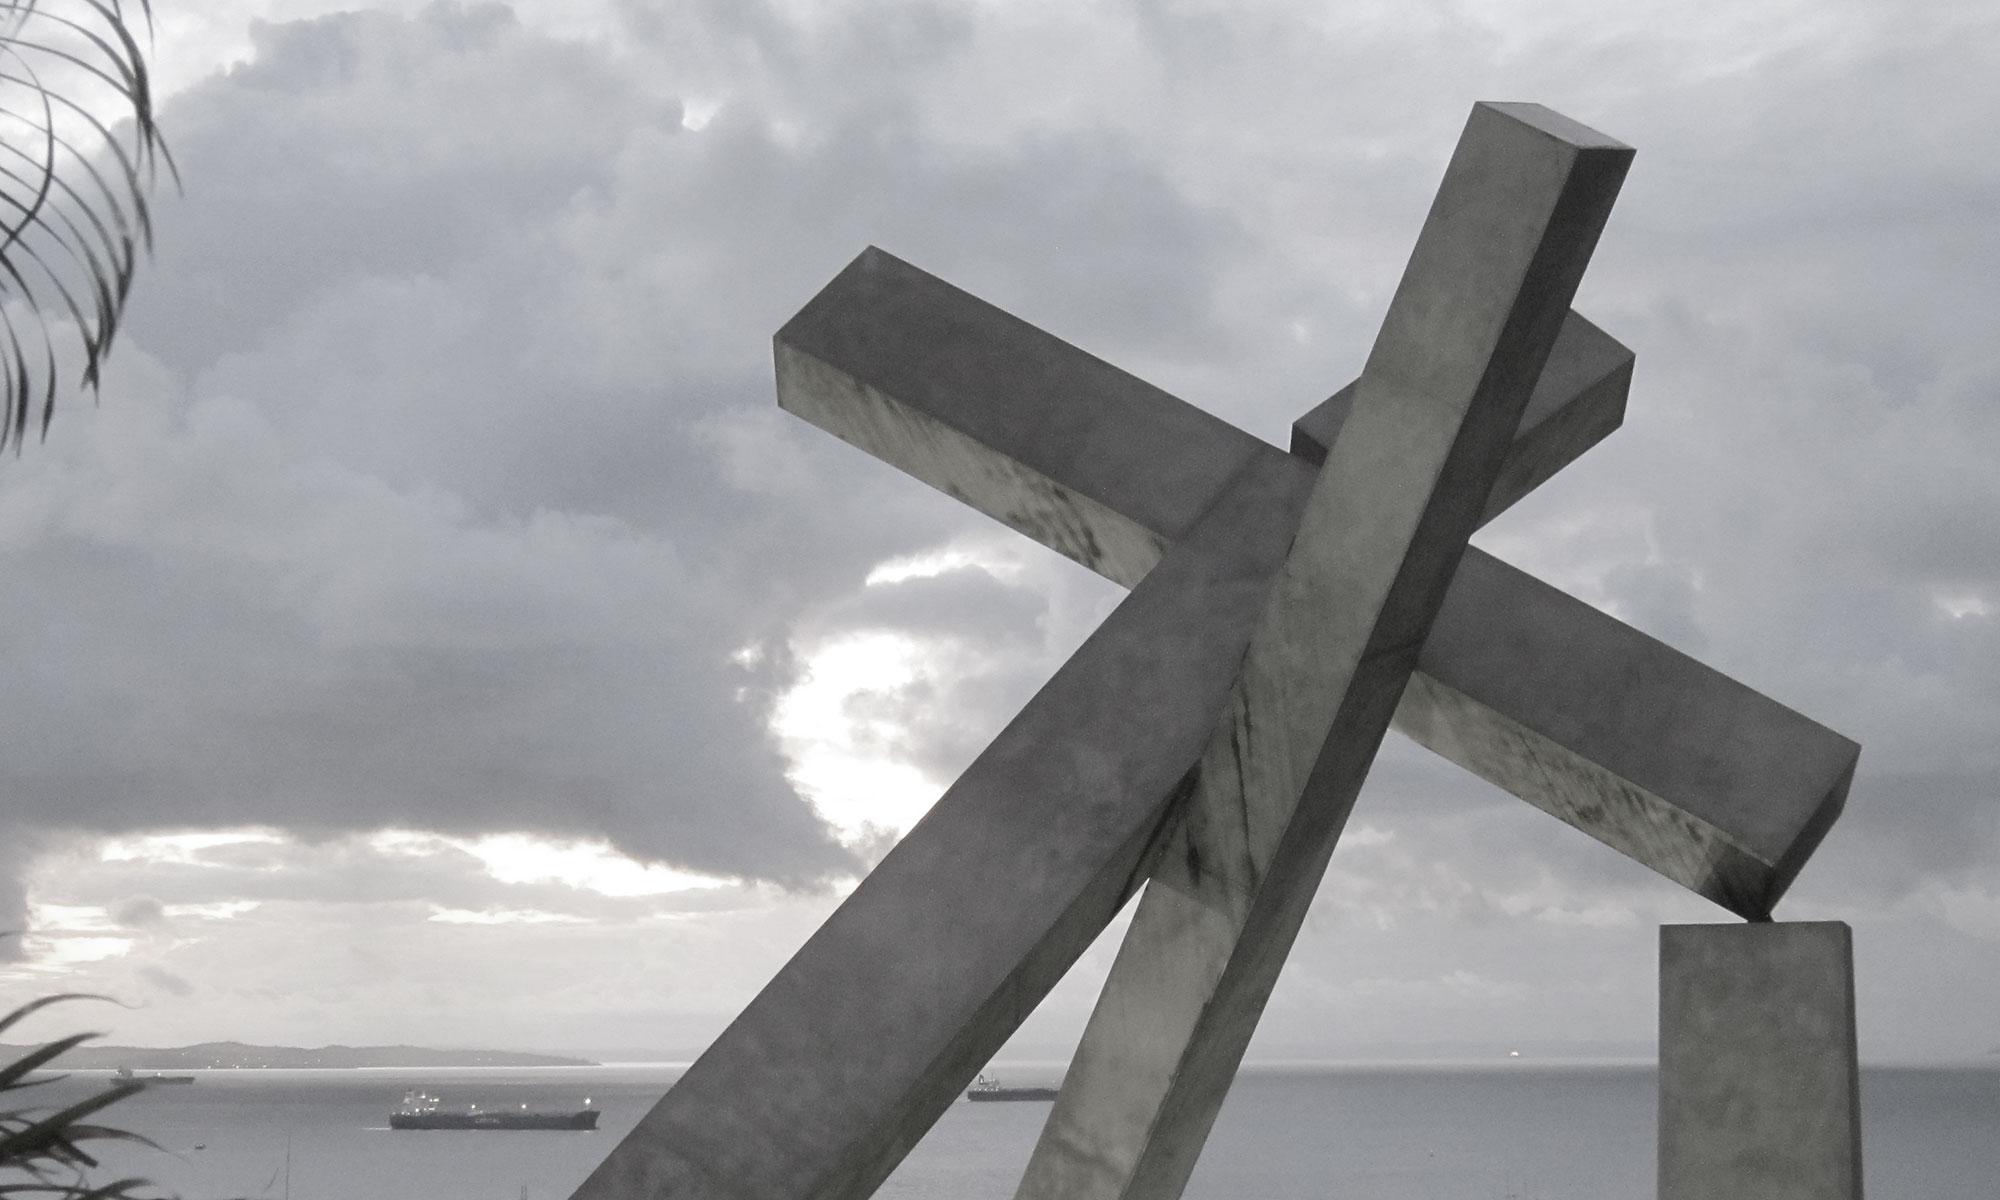 Cruz Caida in Salvador's Centro Histórico